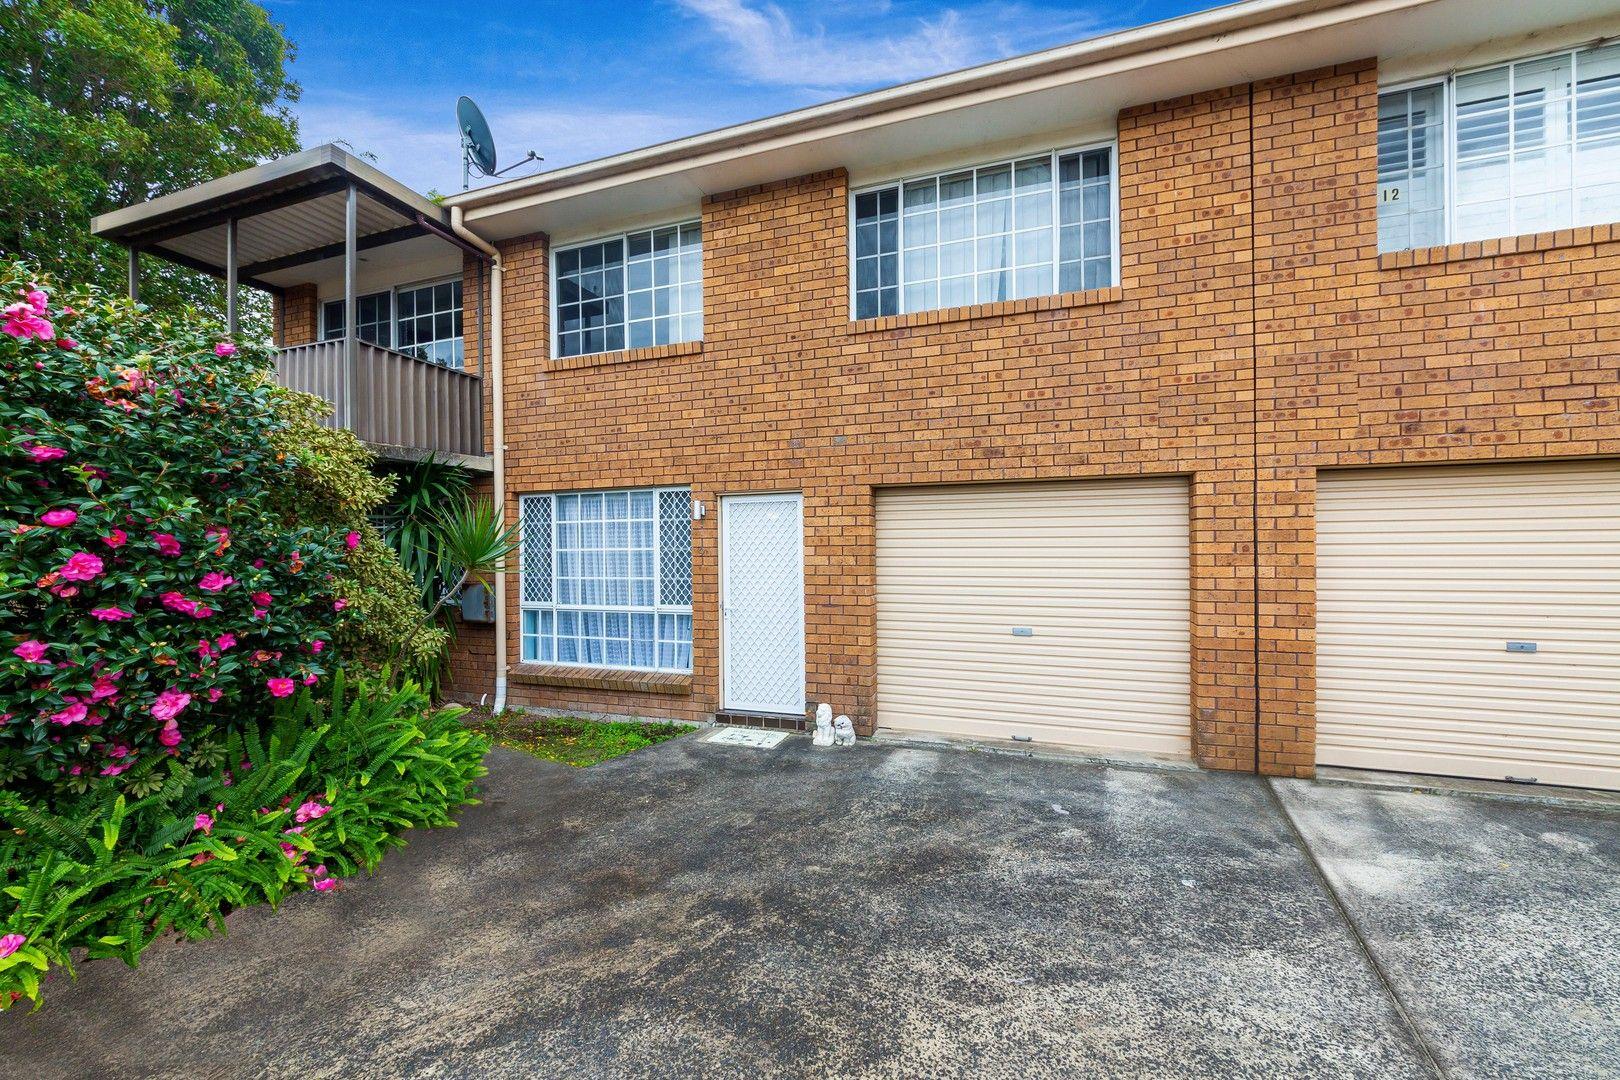 9/16-18 Pratley Street, Woy Woy NSW 2256, Image 2